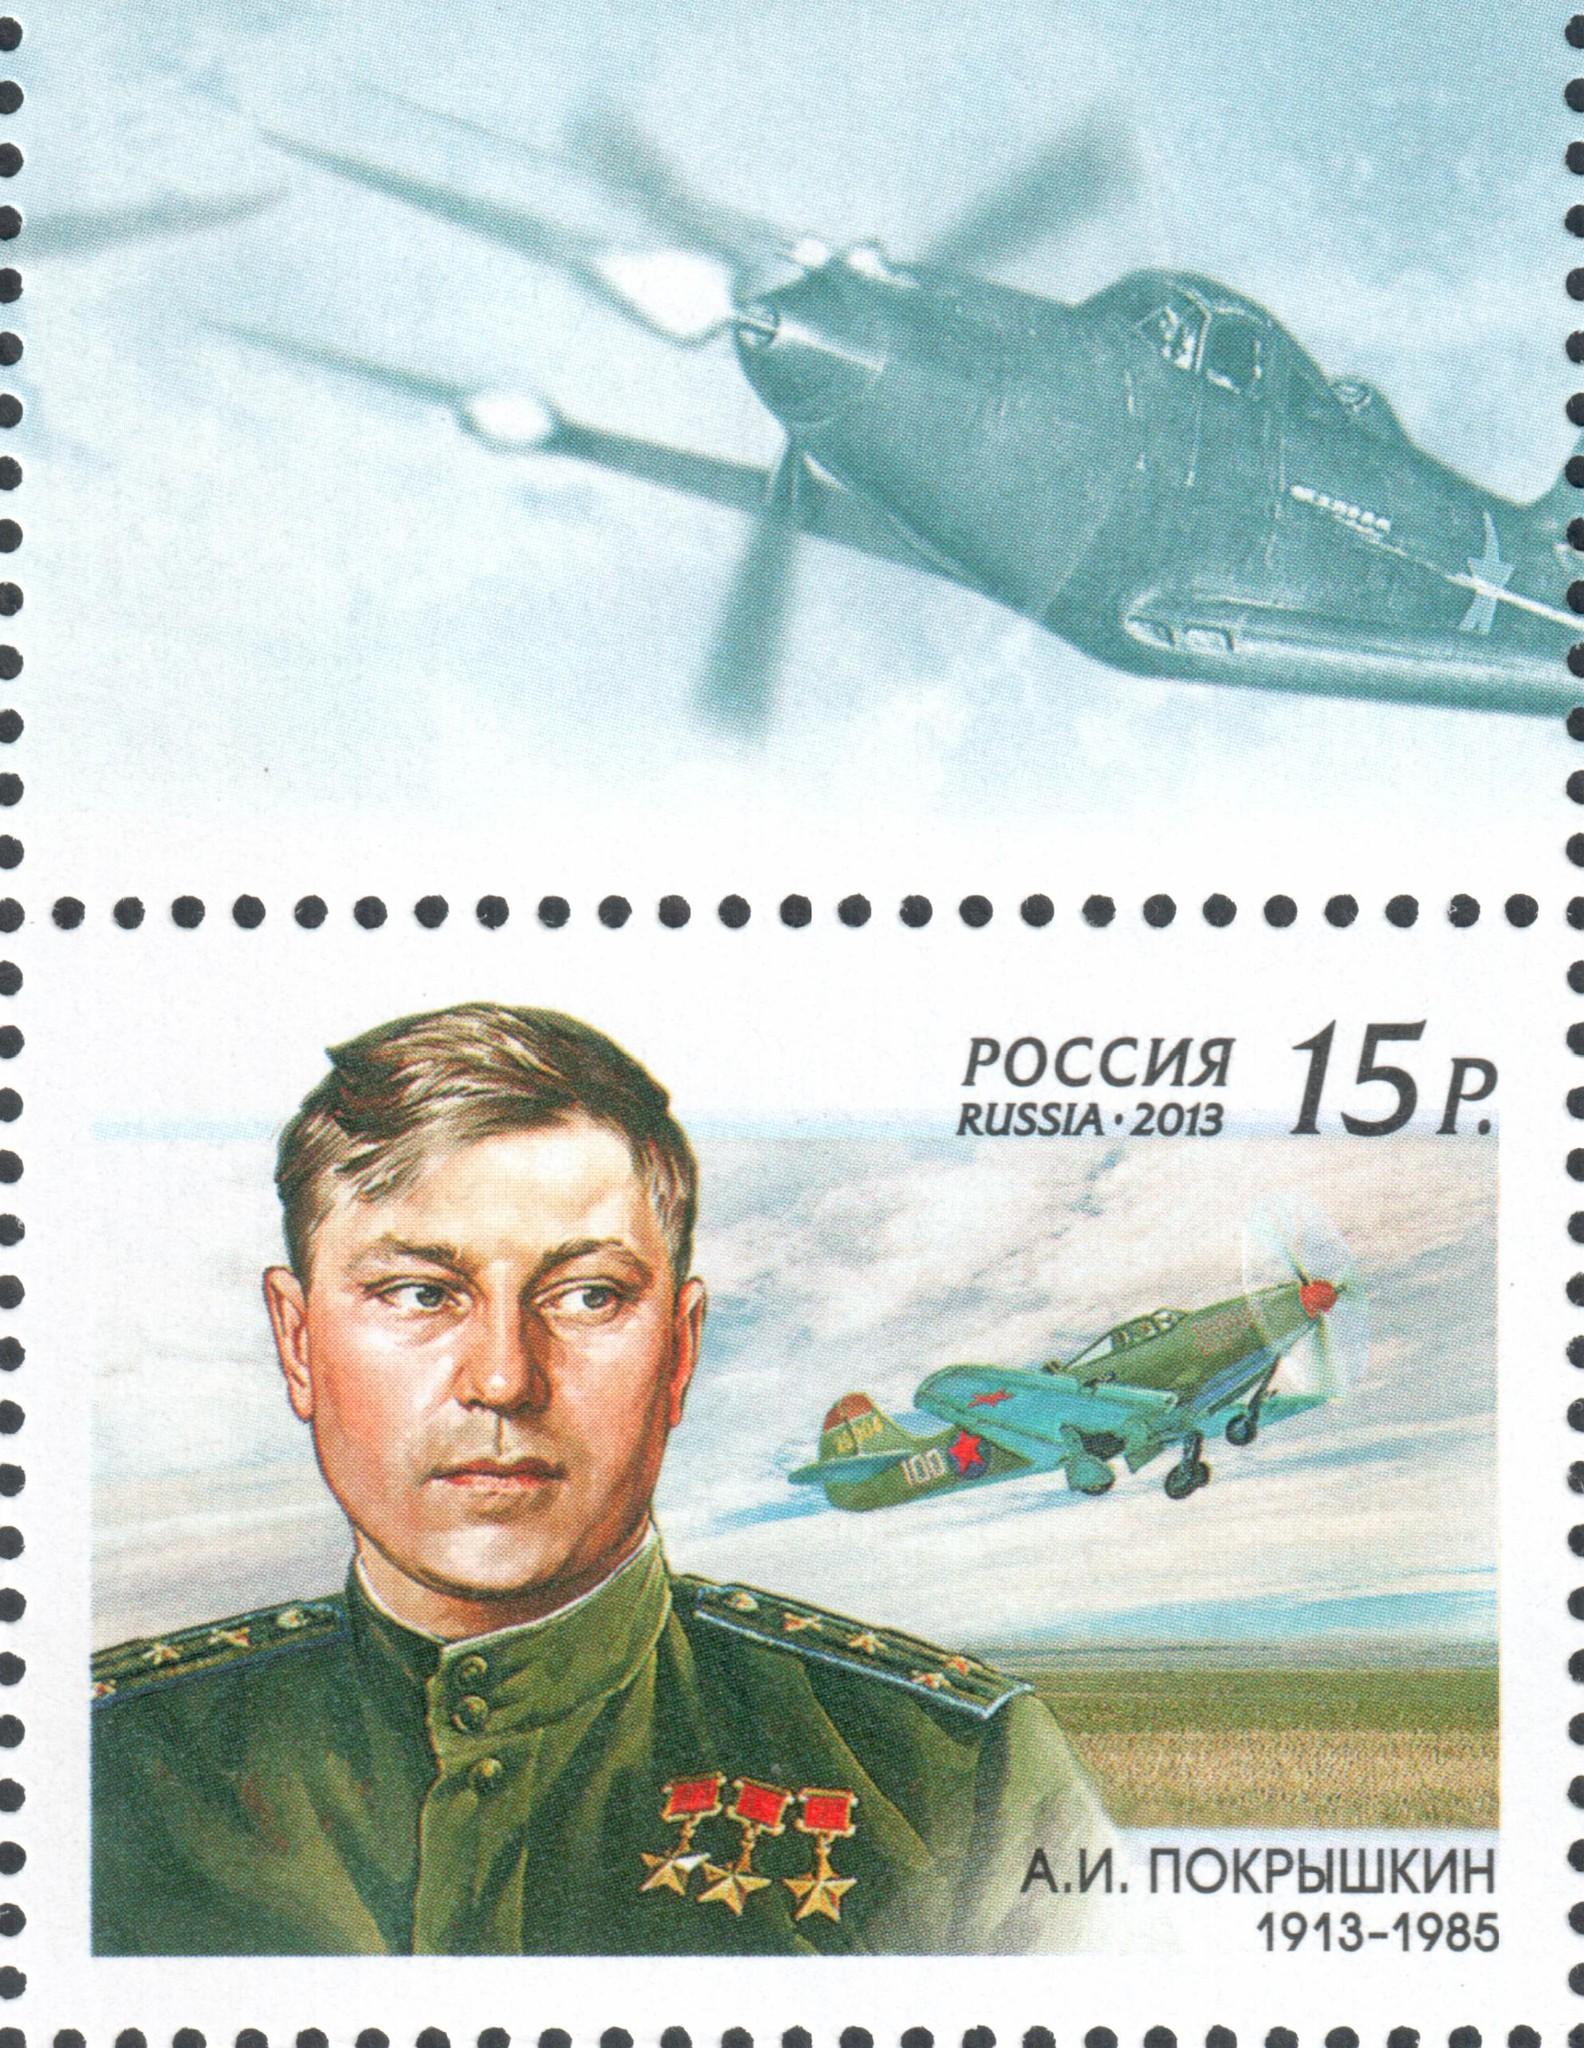 Трижды Герой Советского Союза Александр Иванович Покрышкин. Почтовая марка России 2013 года